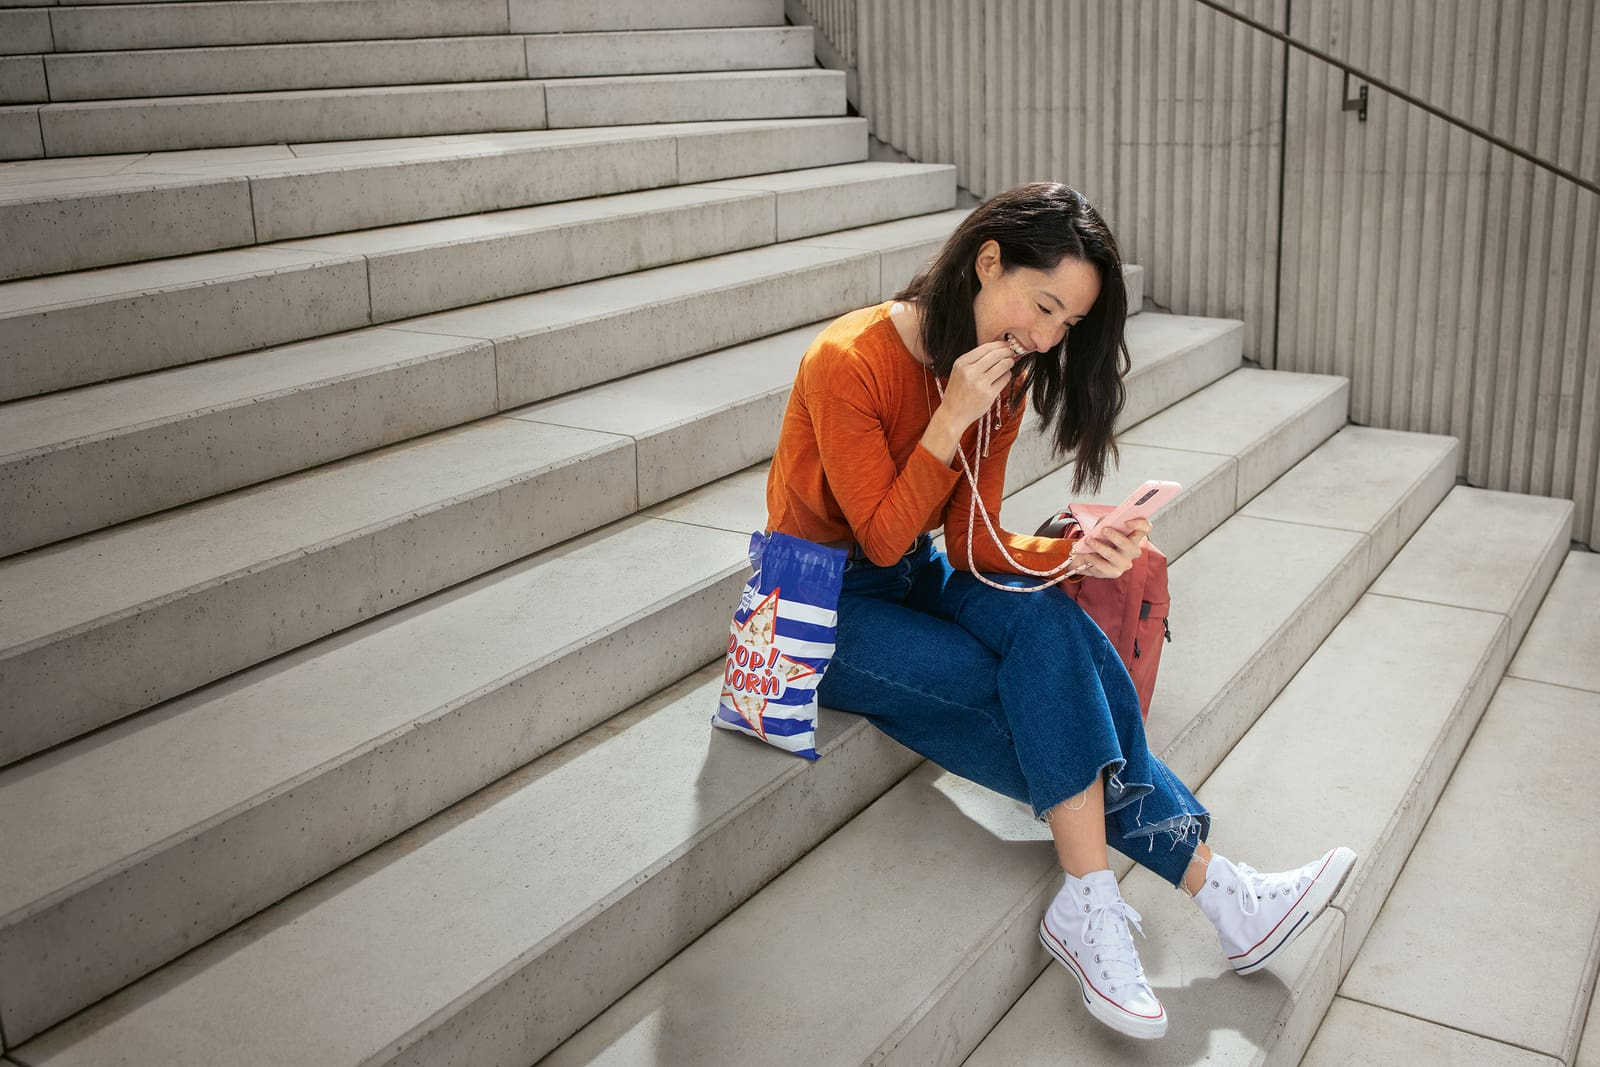 Una ragazza siede su una scala di cemento, mangia popcorn e guarda il suo smartphone.